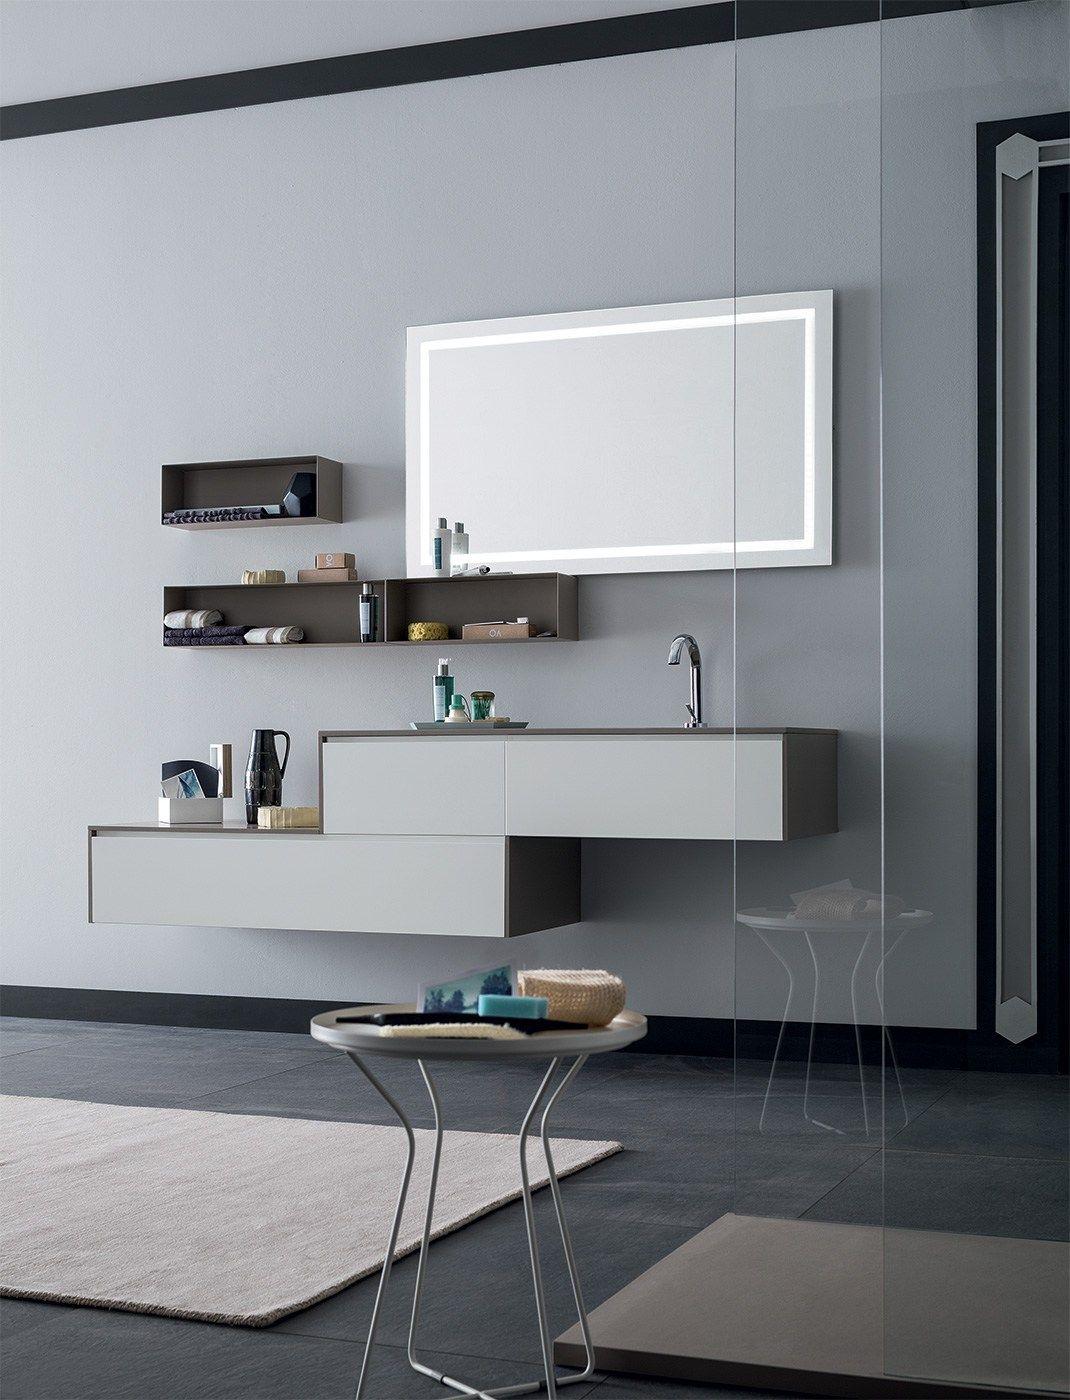 Mobile lavabo sospeso con cassetti 84 3 0 by rab - Lavabo sospeso con mobile ...